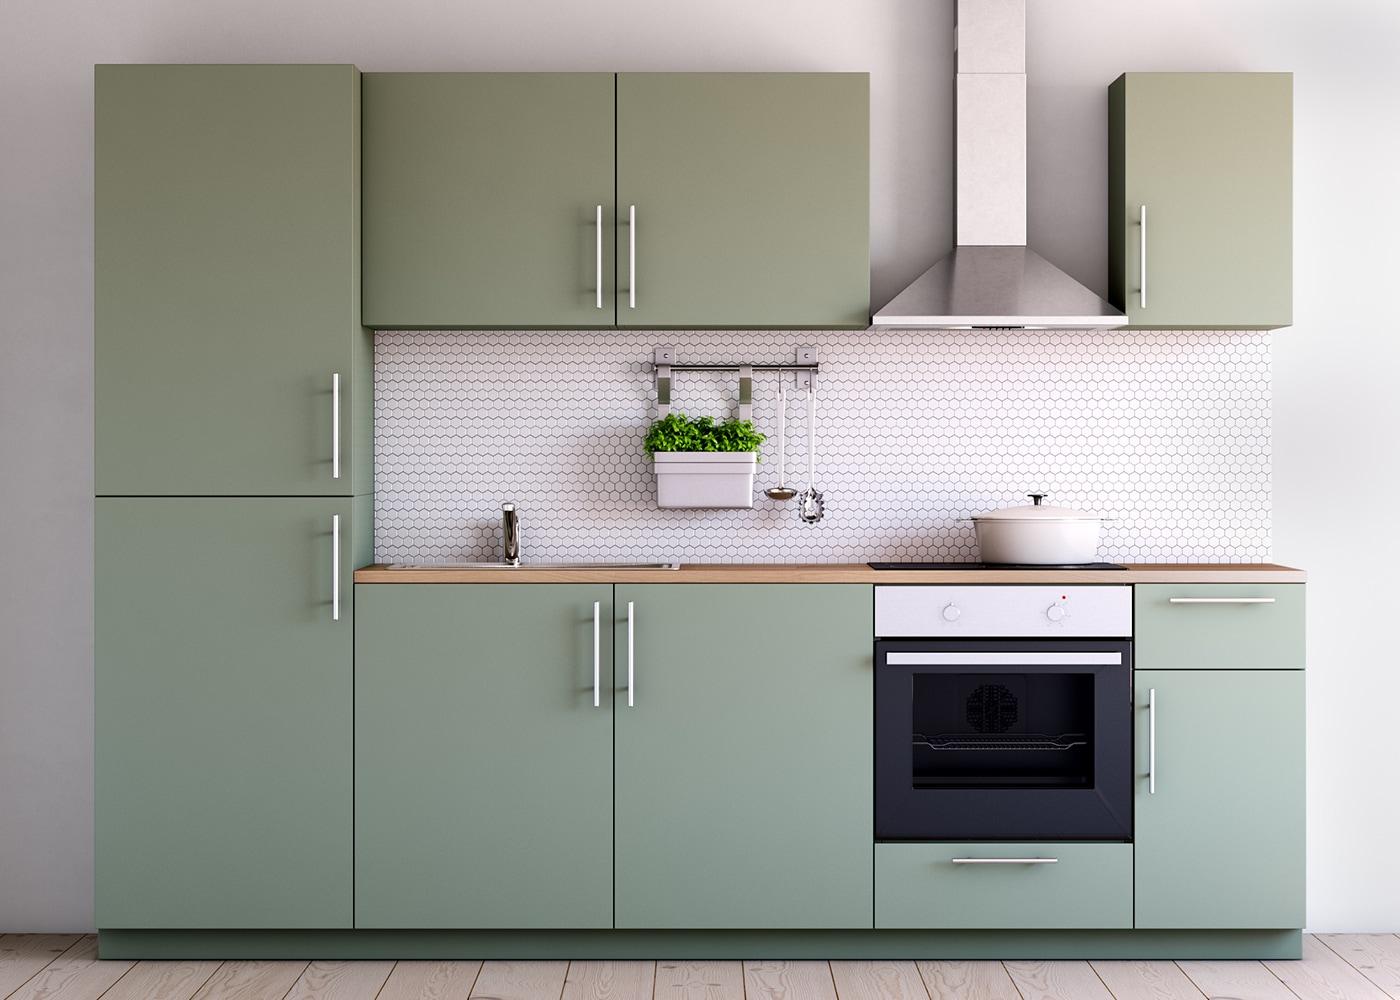 Metod küchenzeile mit kallarp fronten hochglanz grün ikea